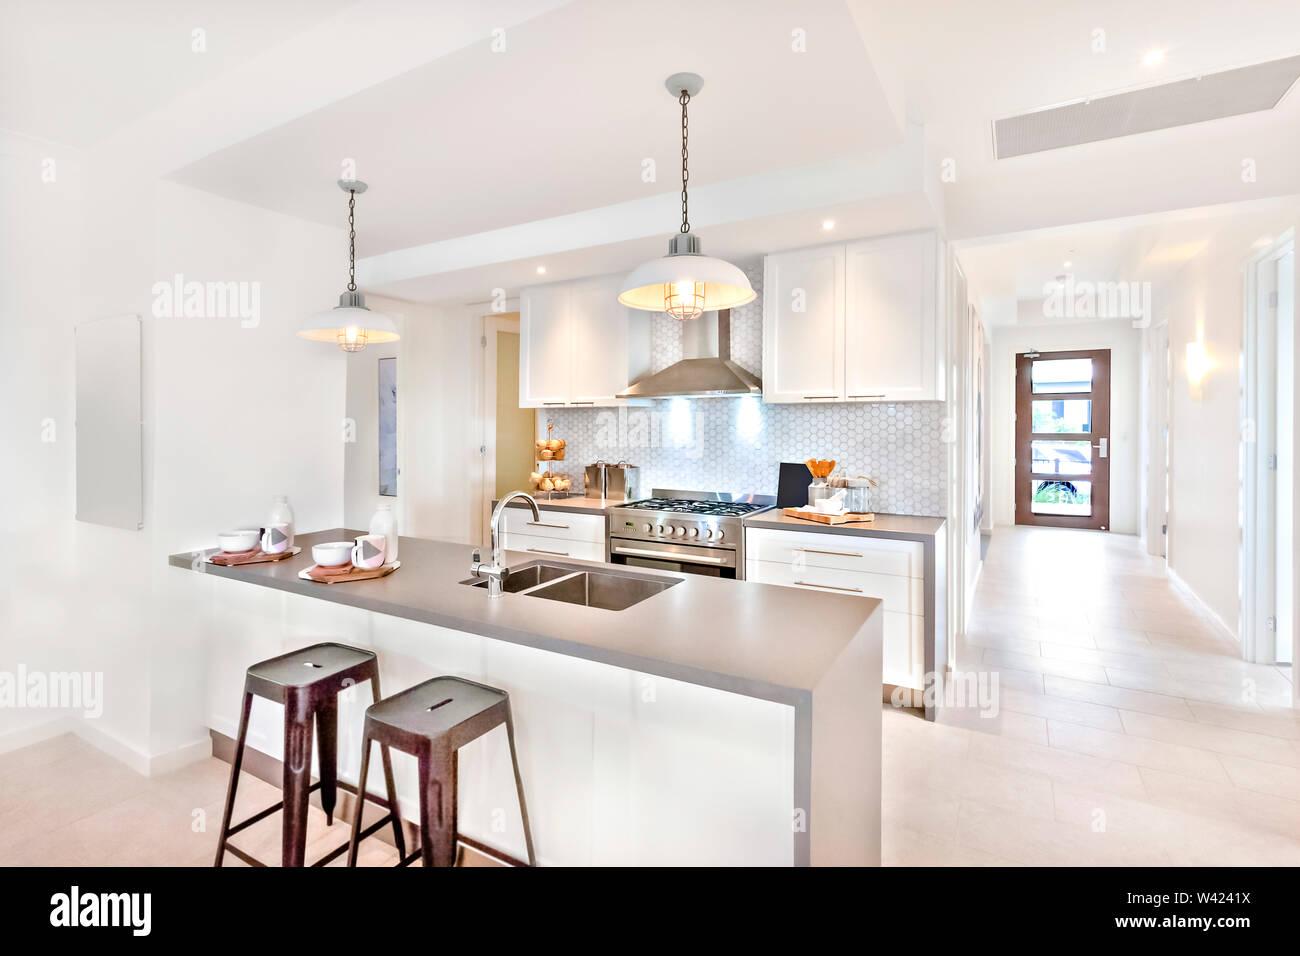 Au Comptoir Du Carrelage cuisine intérieur moderne de jour avec un chemin à parcourir